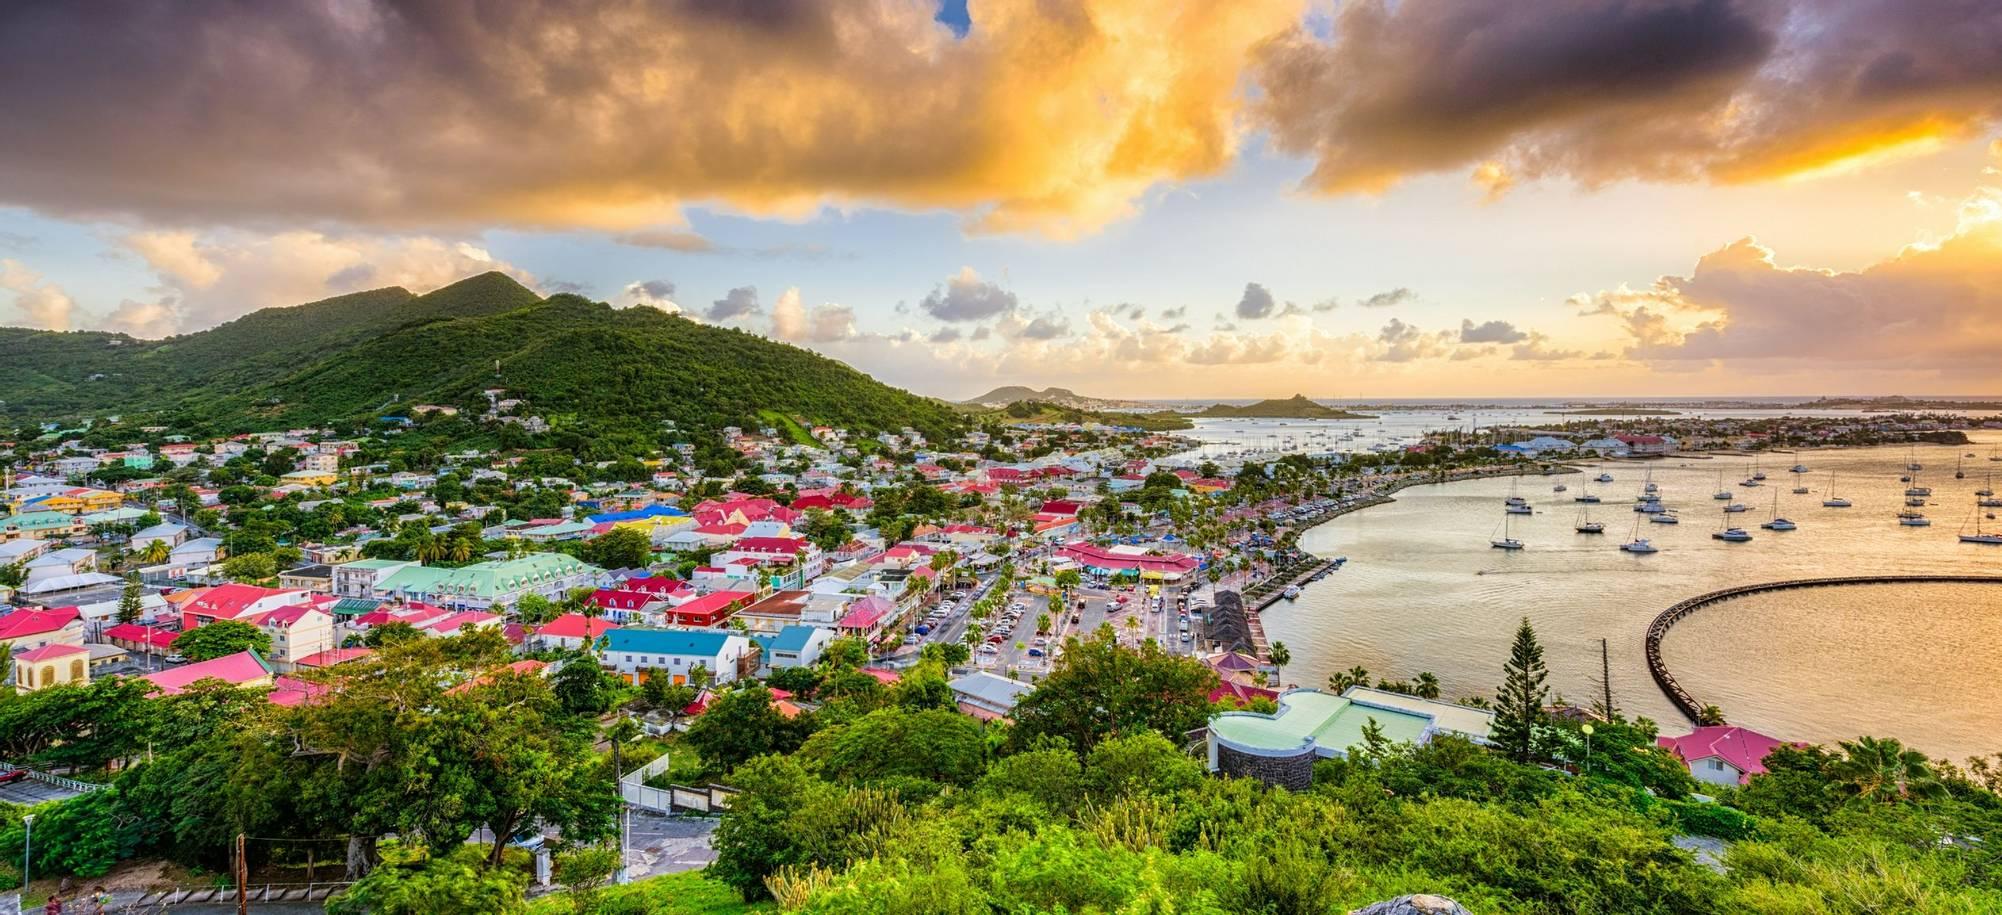 Itinerary Desktop - Day 9 - St Maarten.jpg